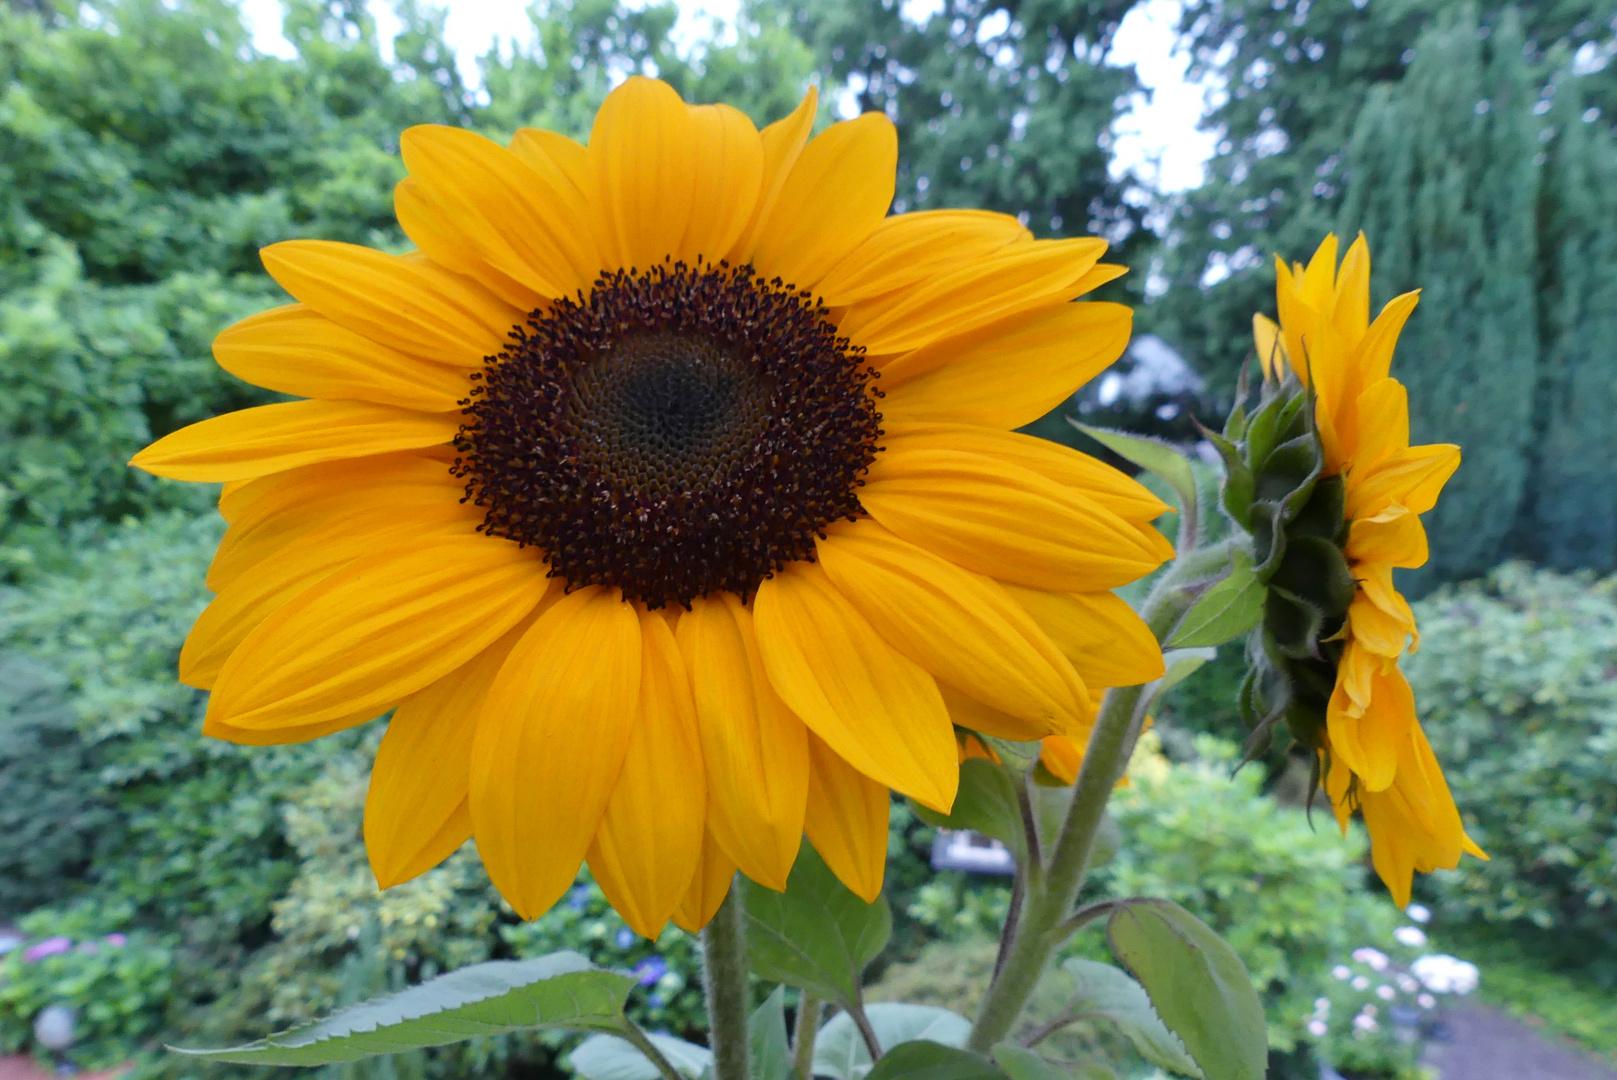 Sonnenblumen sind immer ein willkommenes Besuchsgeschenk